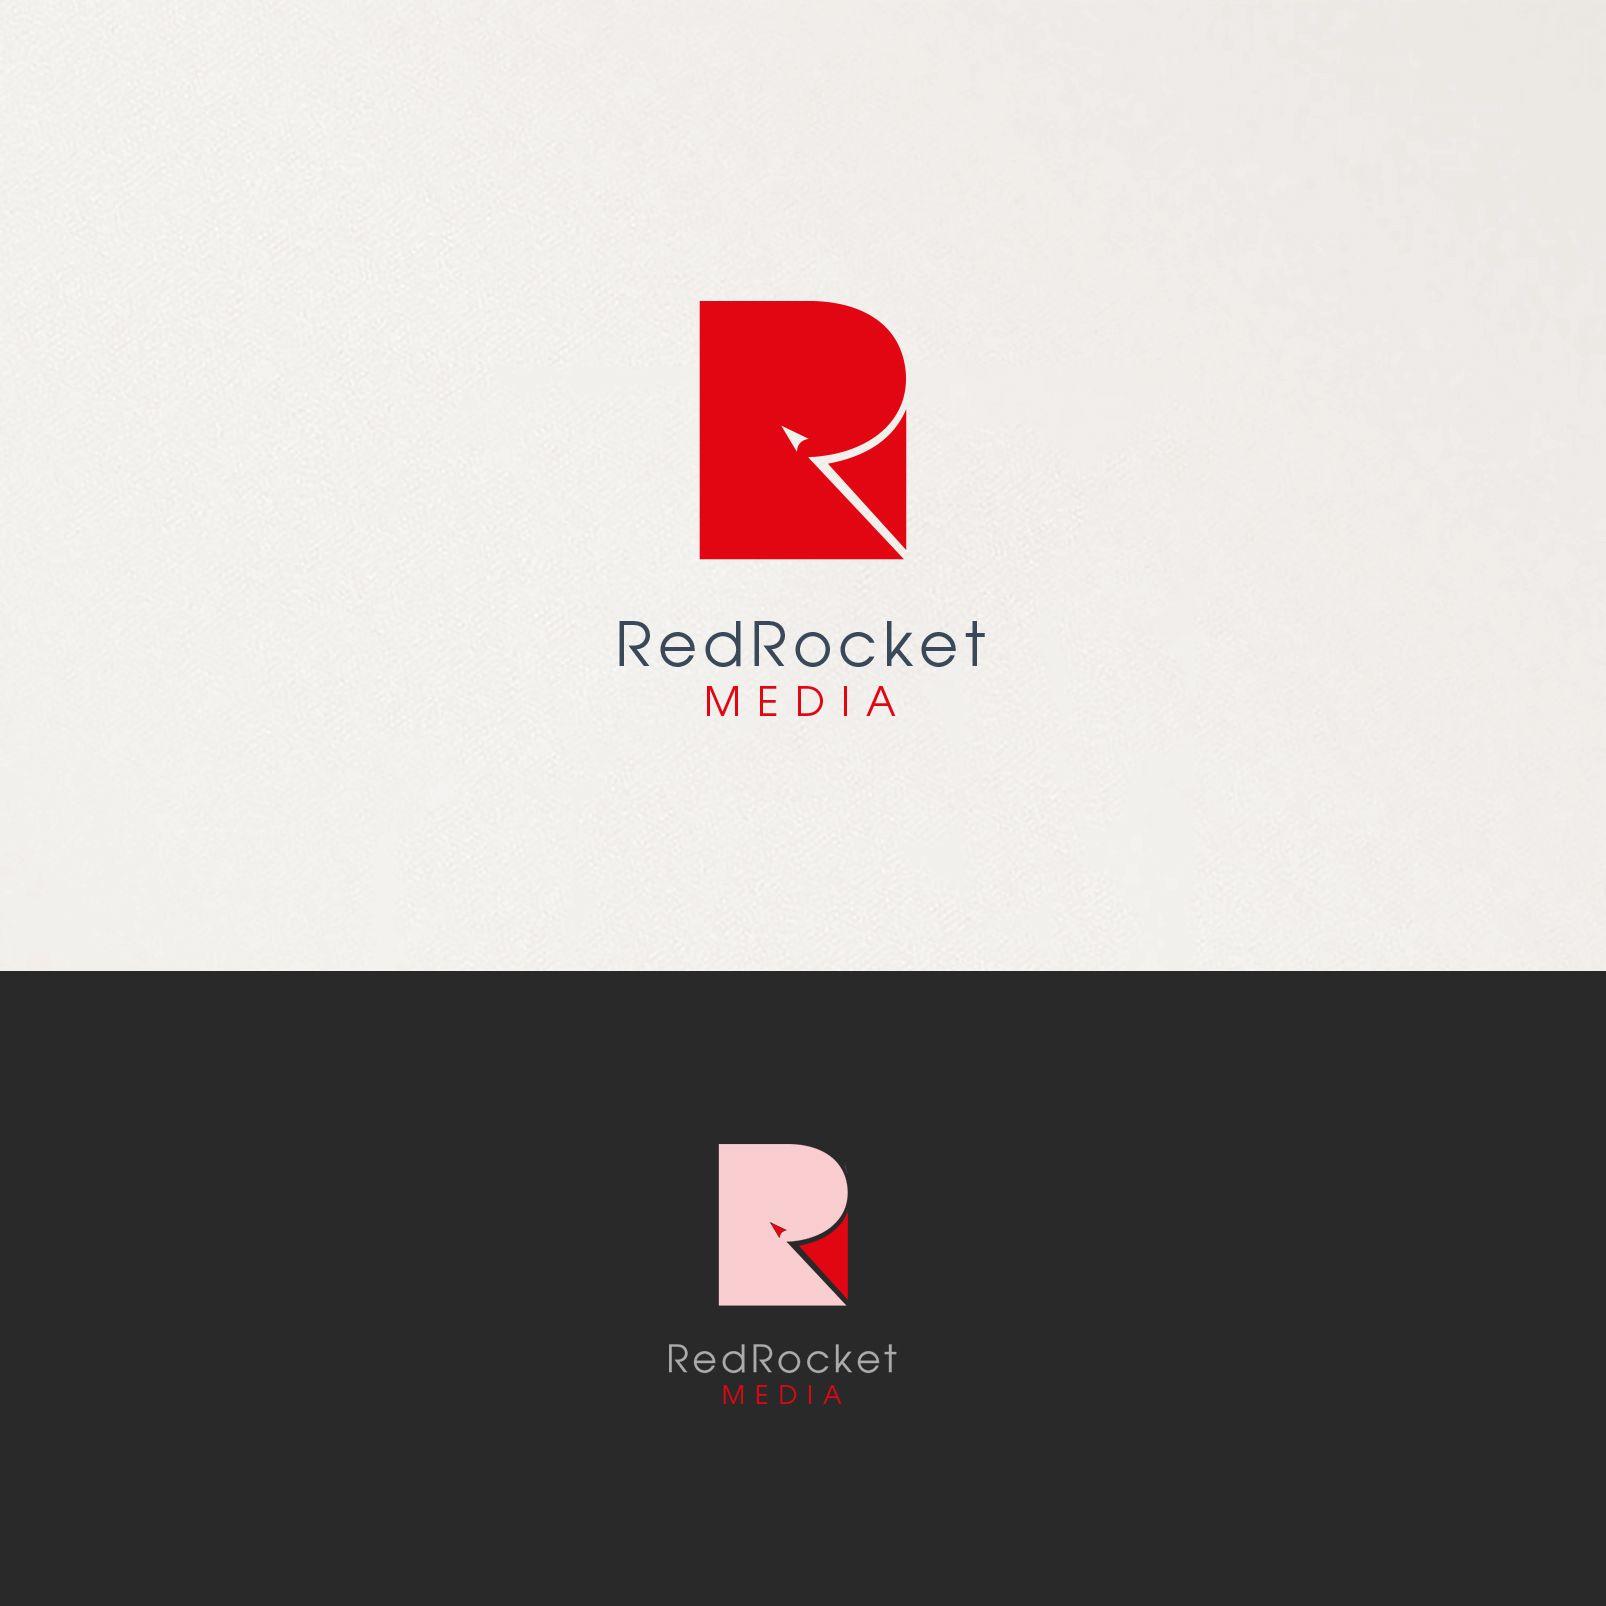 Лого и фирменный стиль для RedRocketMedia - дизайнер irkin